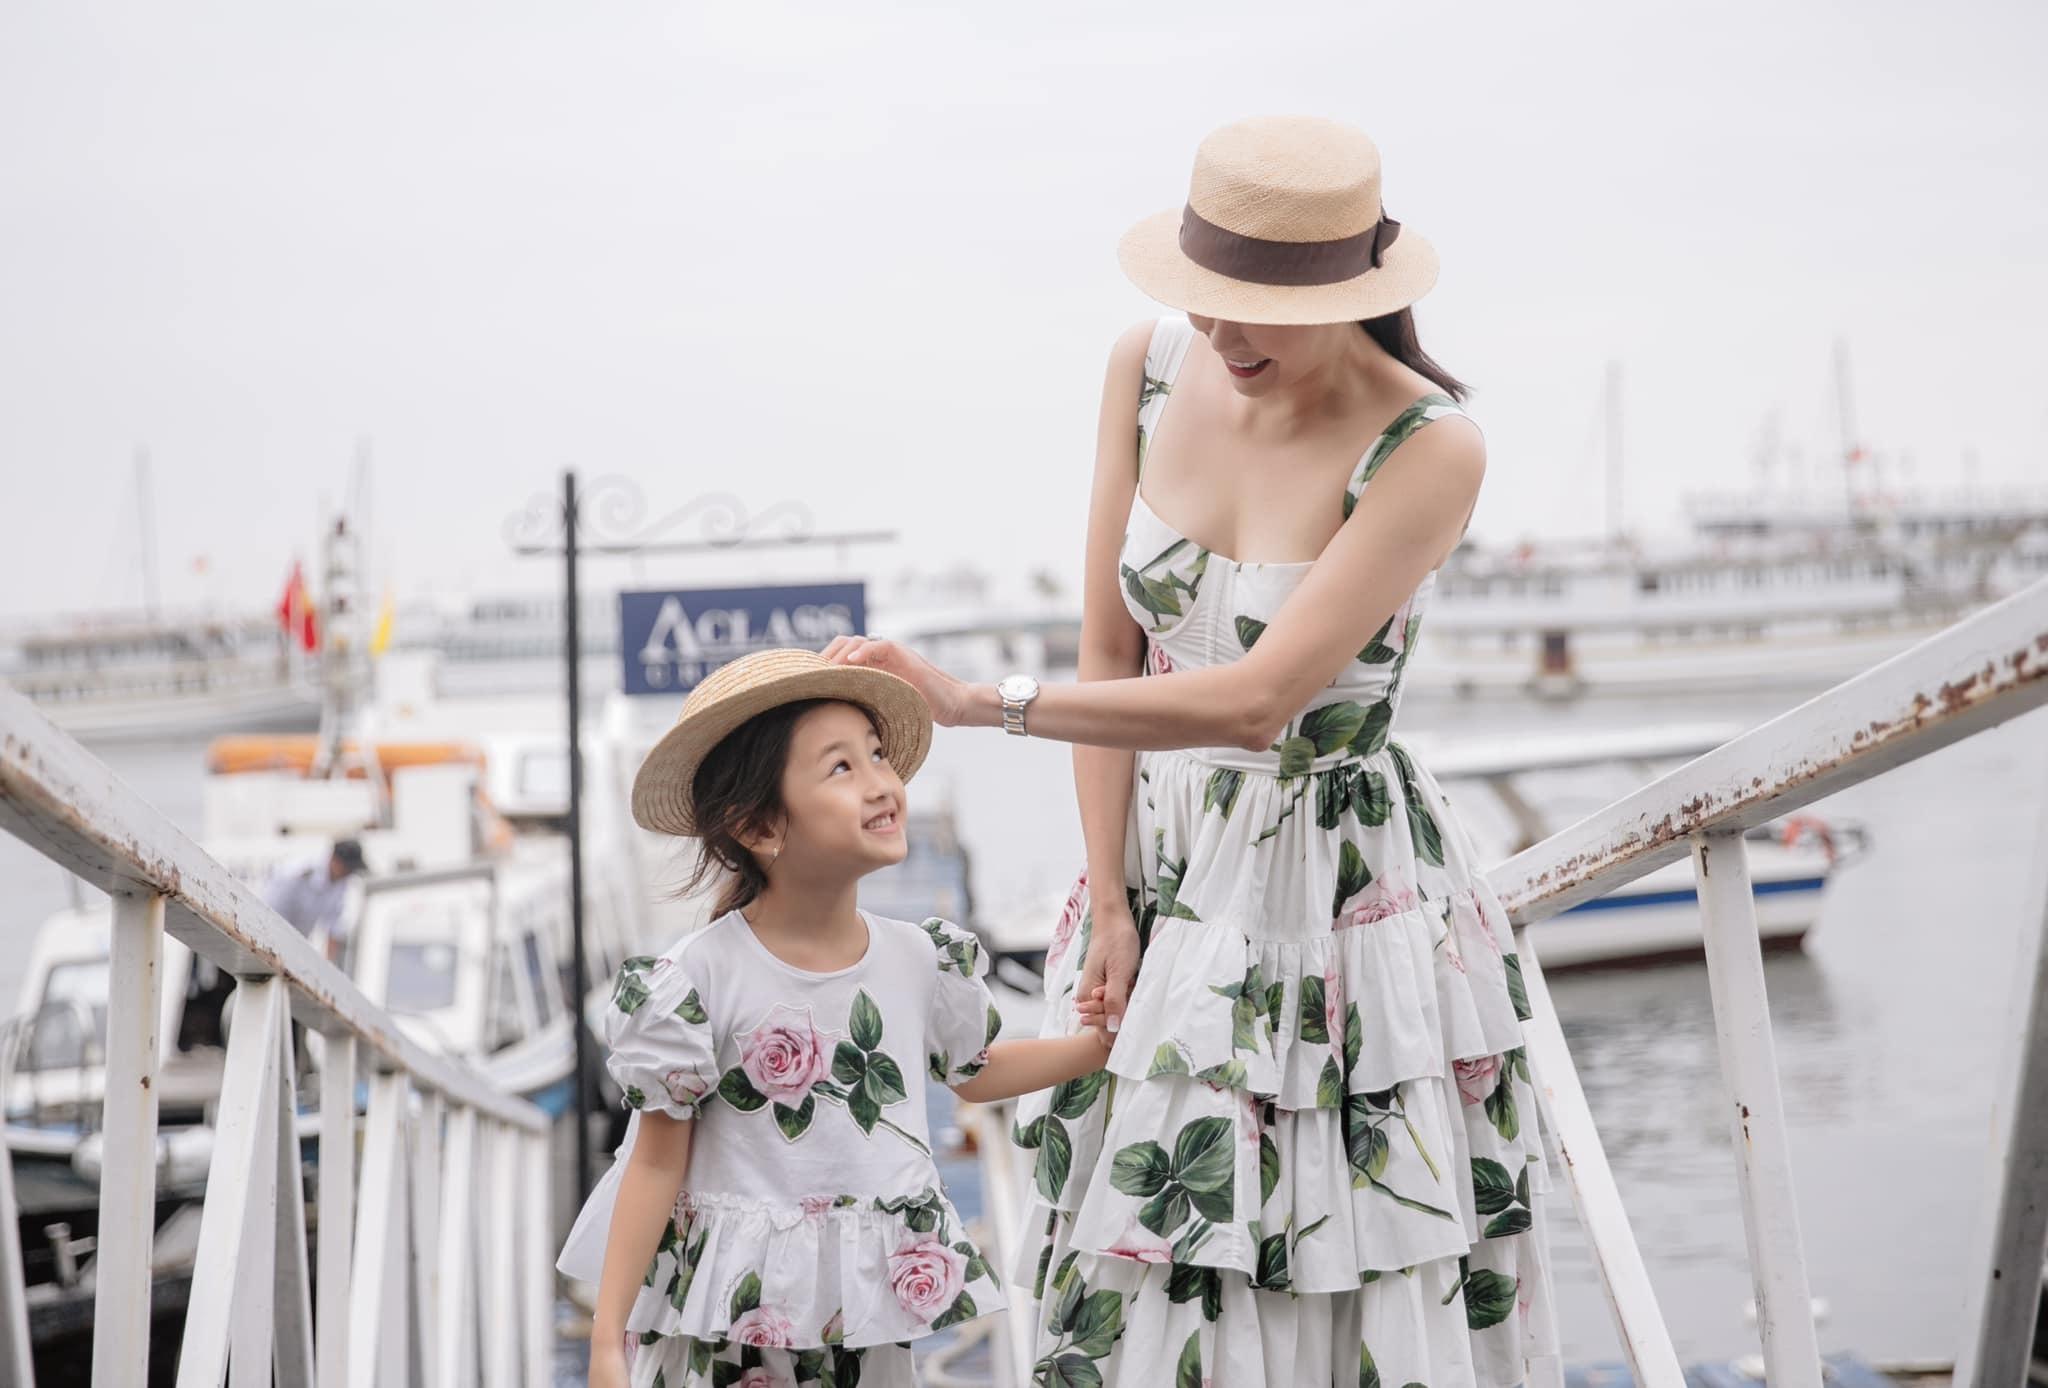 Nhan sắc trong veo con gái 5 tuổi của hoa hậu Hà Kiều Anh